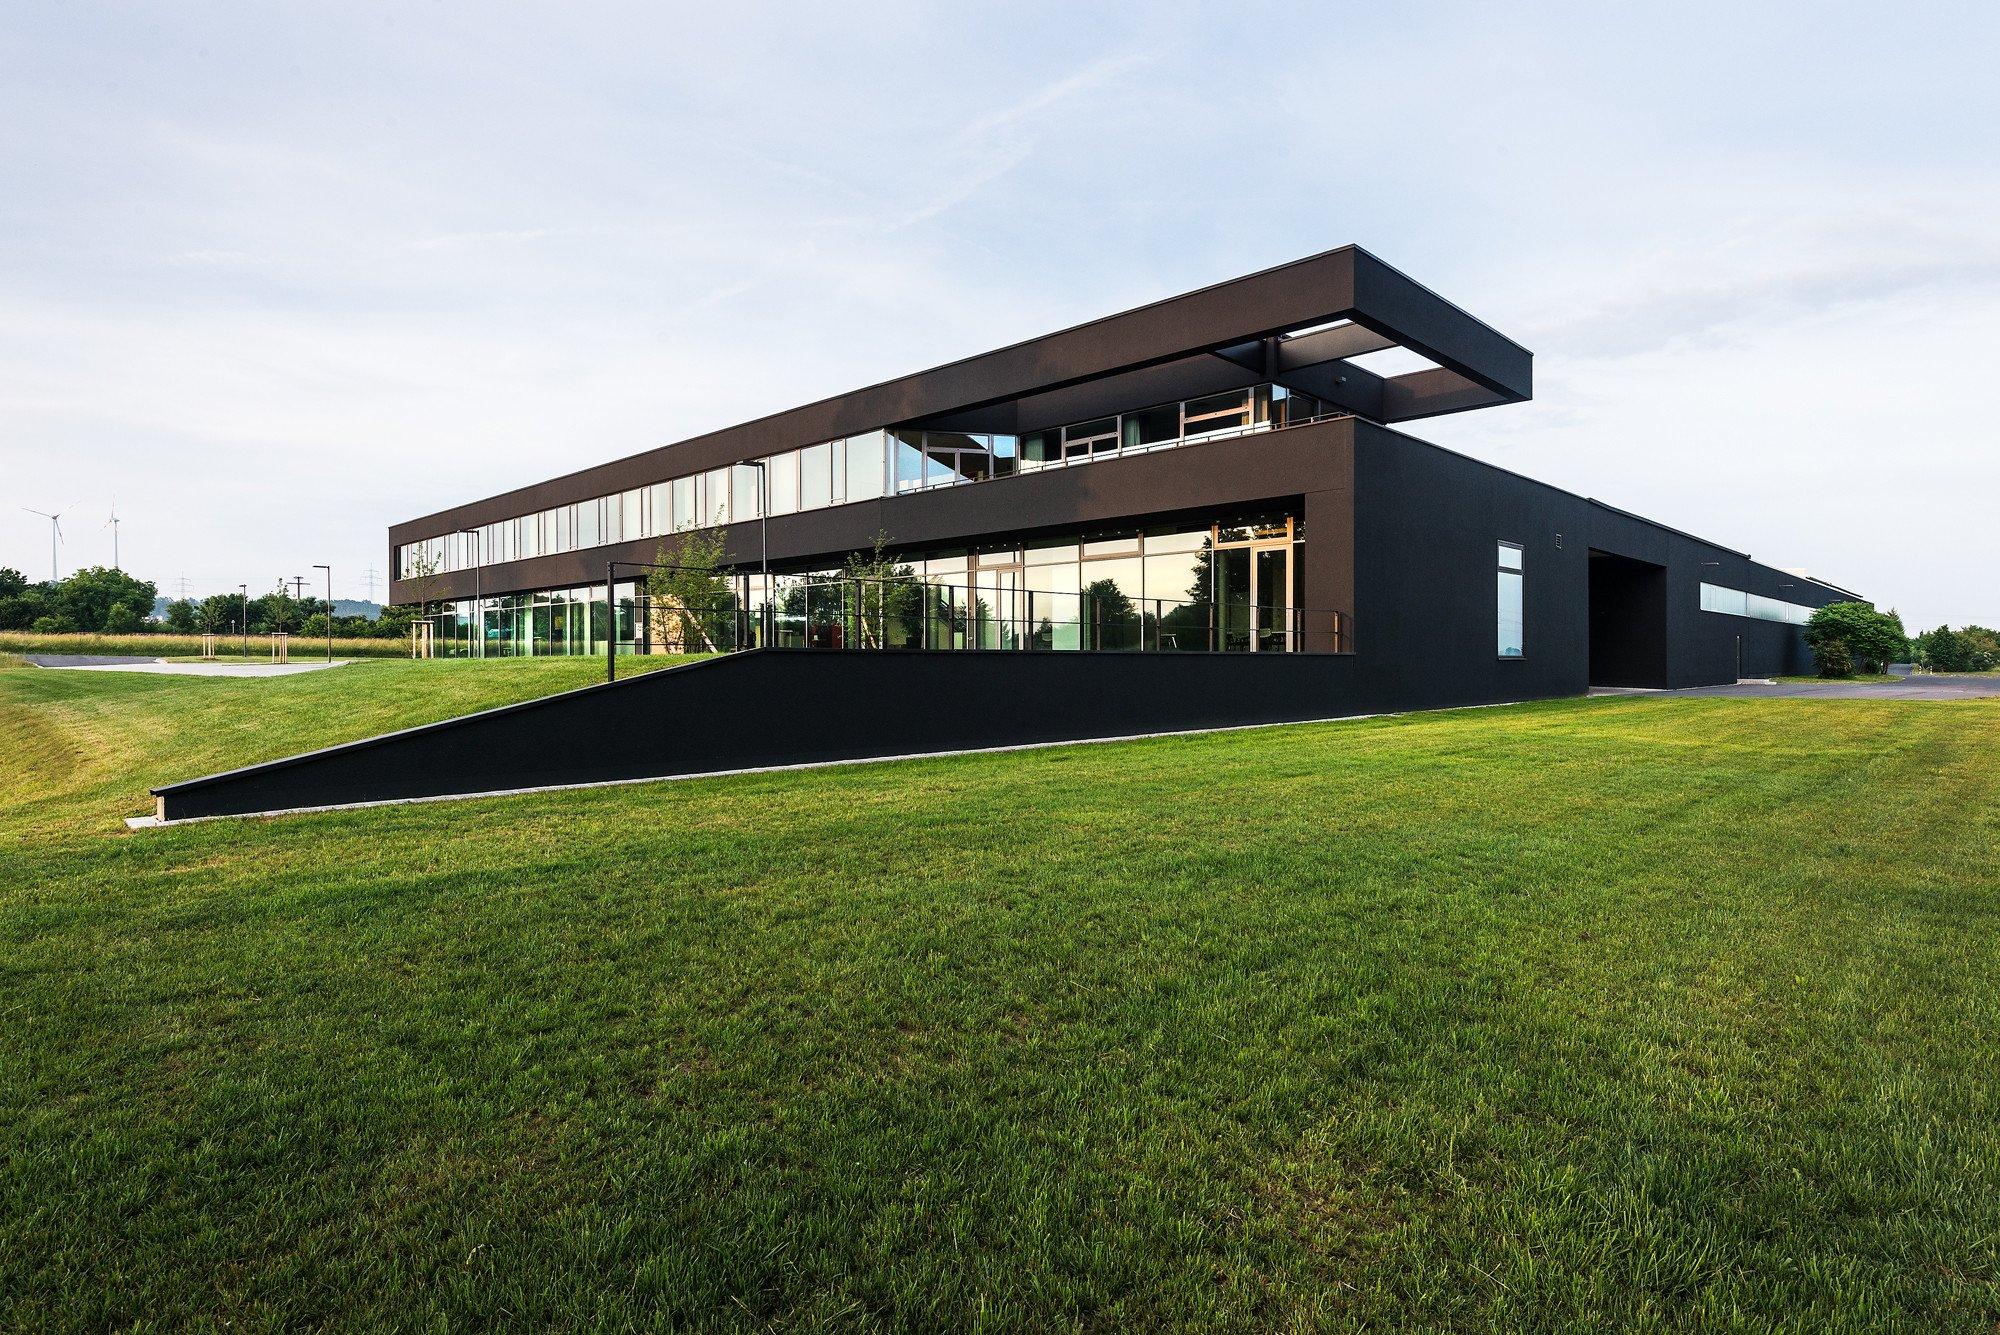 Schwarze Fassade verwaltungsgebäude in neustadt aisch dämmstoffe büro verwaltung